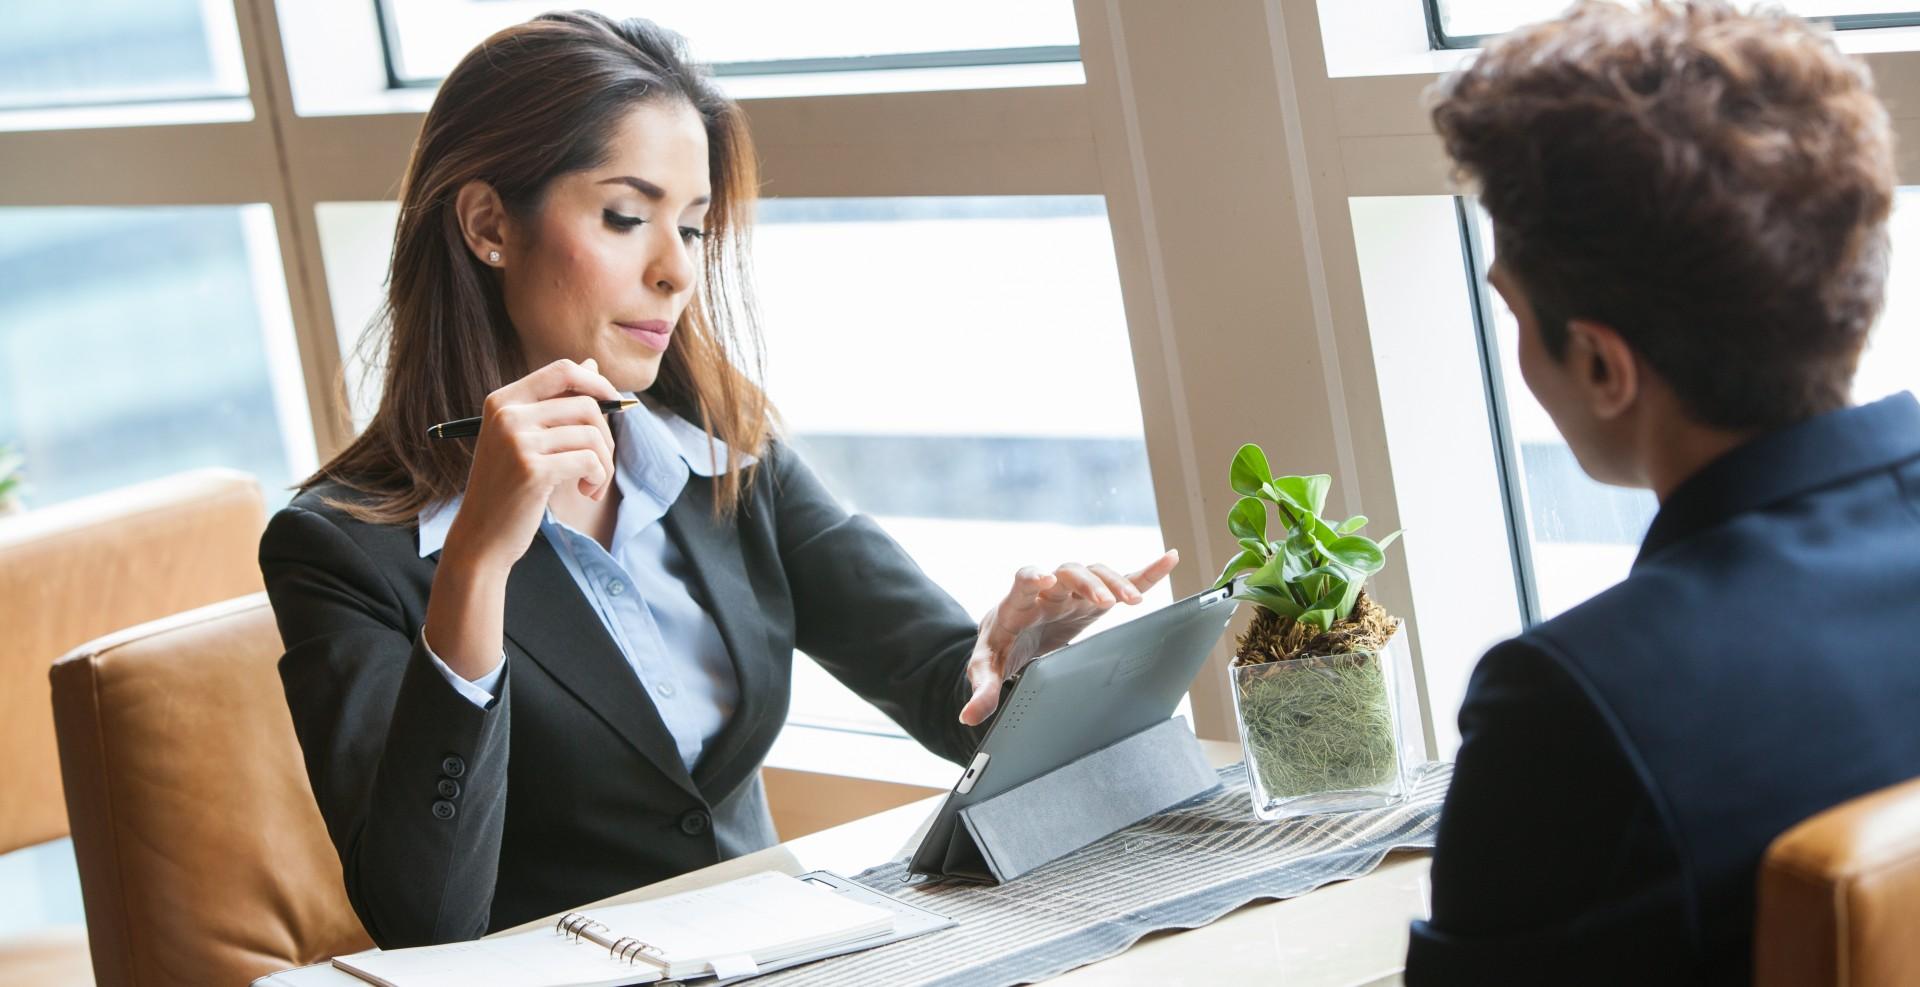 Заманчивые уловки, которые используют работодатели во время собеседований